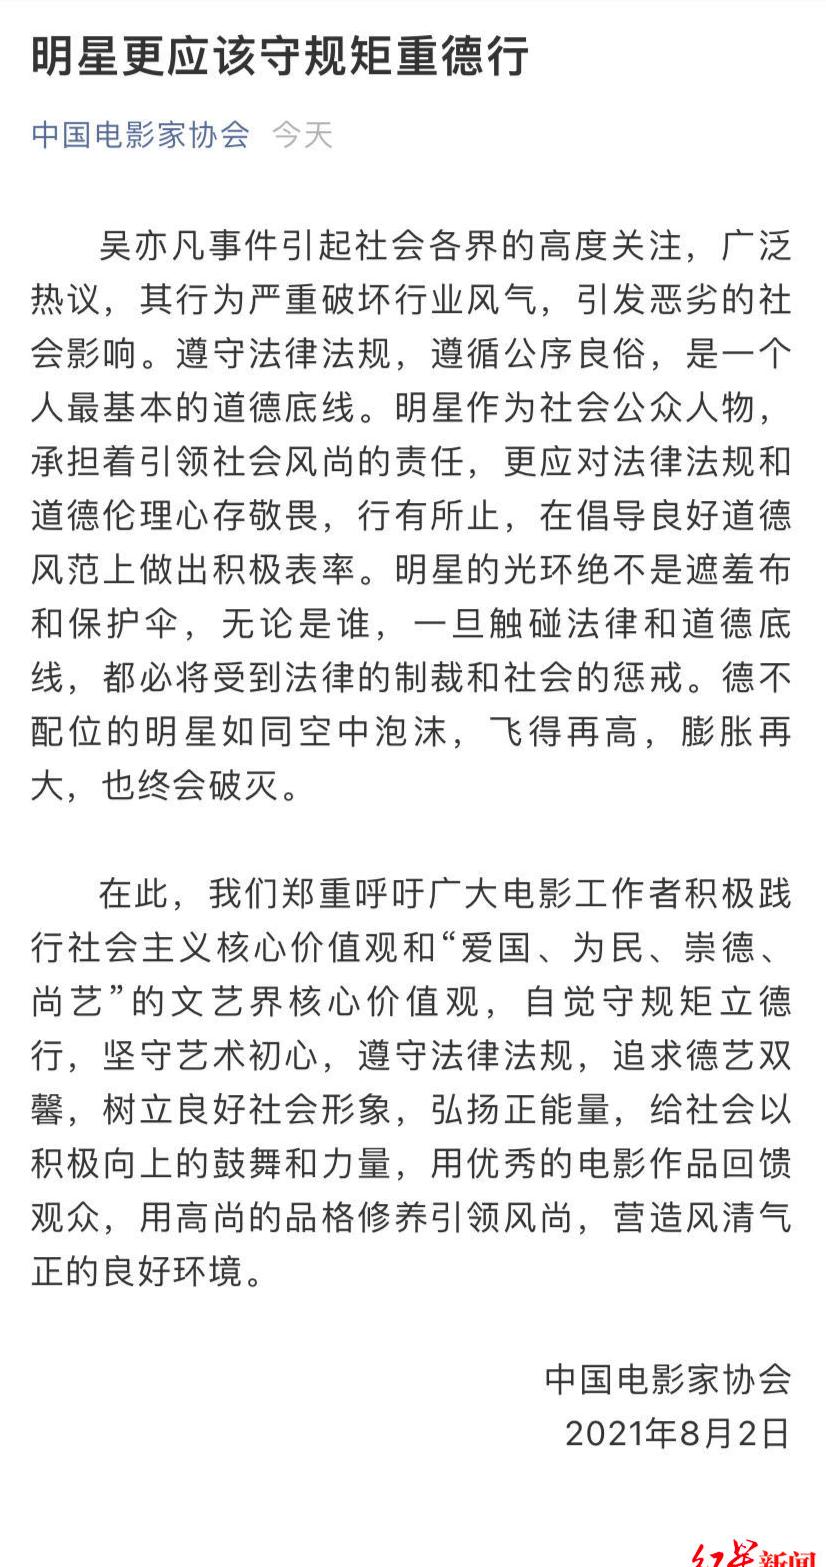 中国电影家协会评吴亦凡事件:德不配位的明星如同泡沫,飞得再高,终会破灭